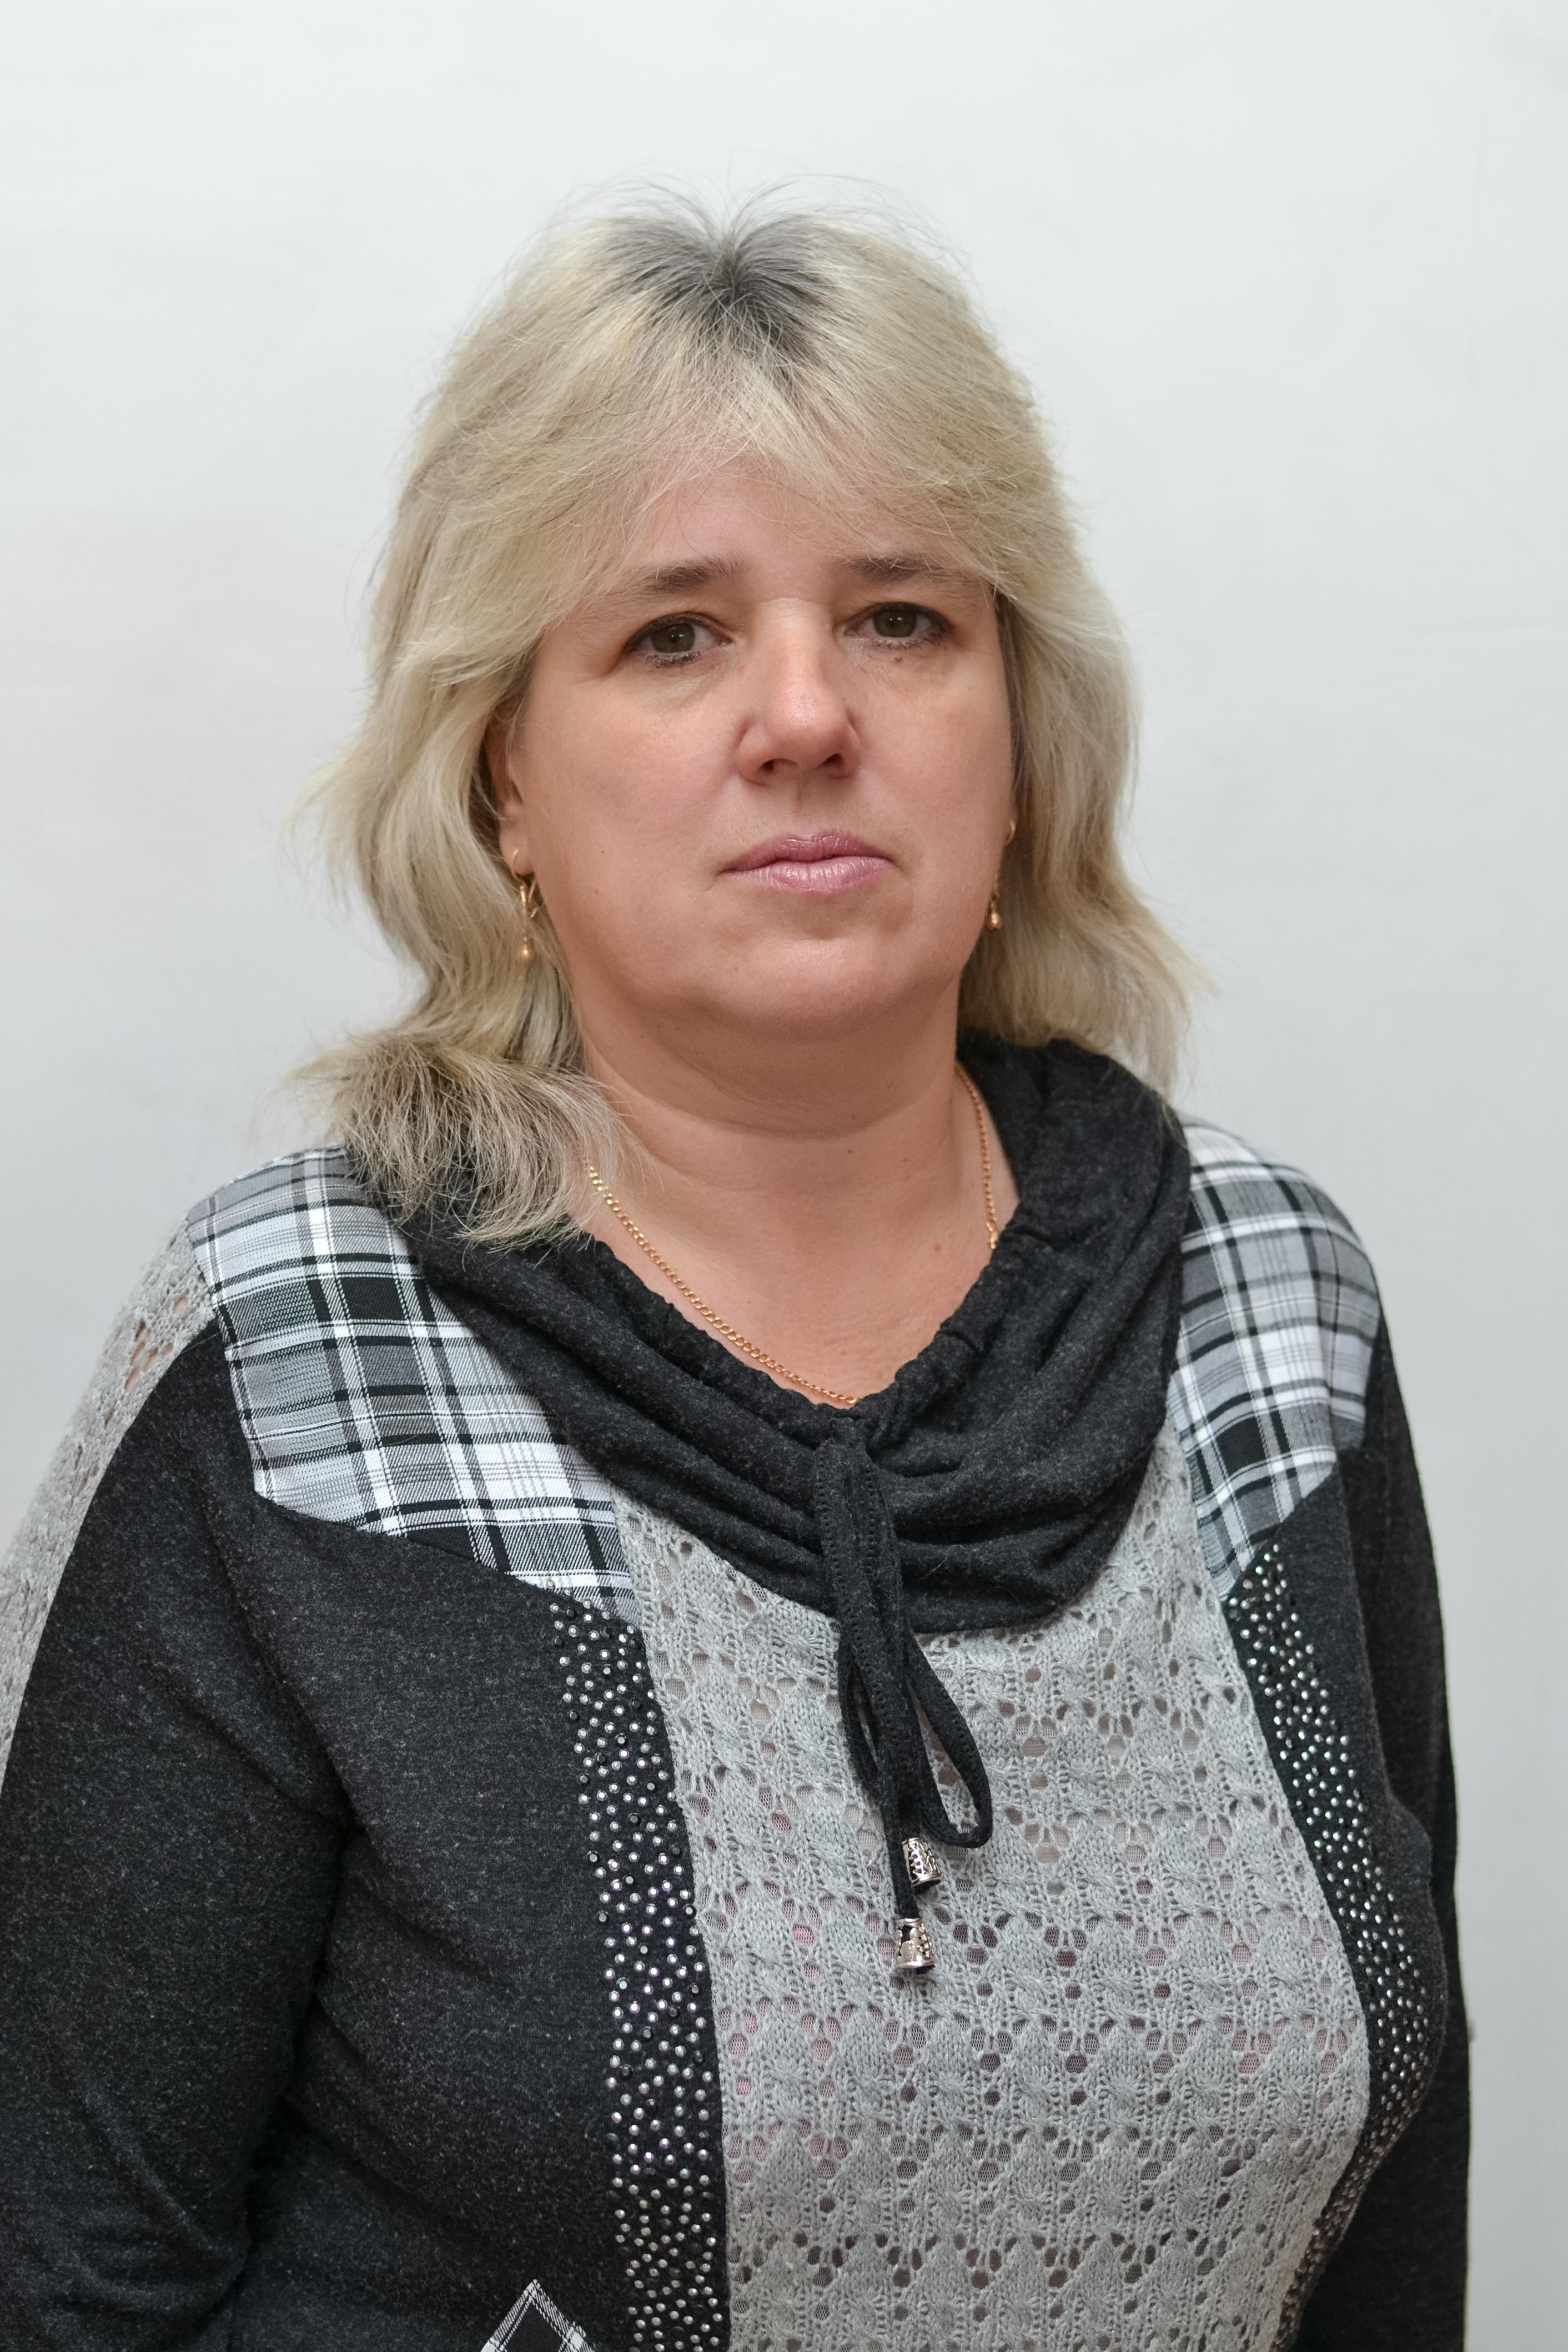 Васильченко Олена Олегівна